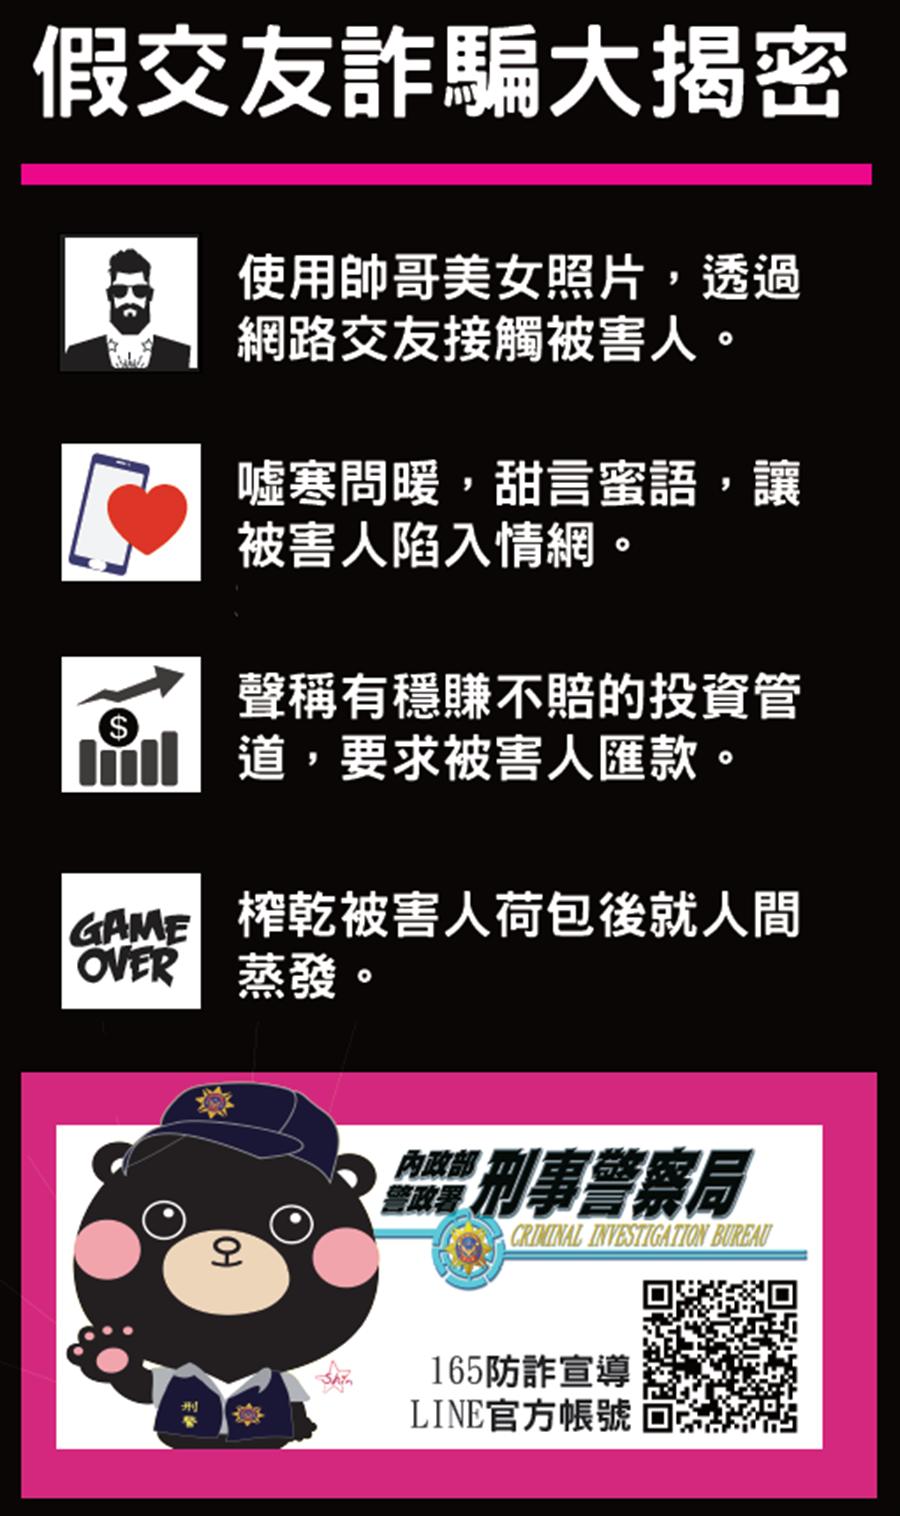 165反詐騙專線提醒民眾提防「假交友詐財」手法。(警方提供/胡欣男台北傳真)